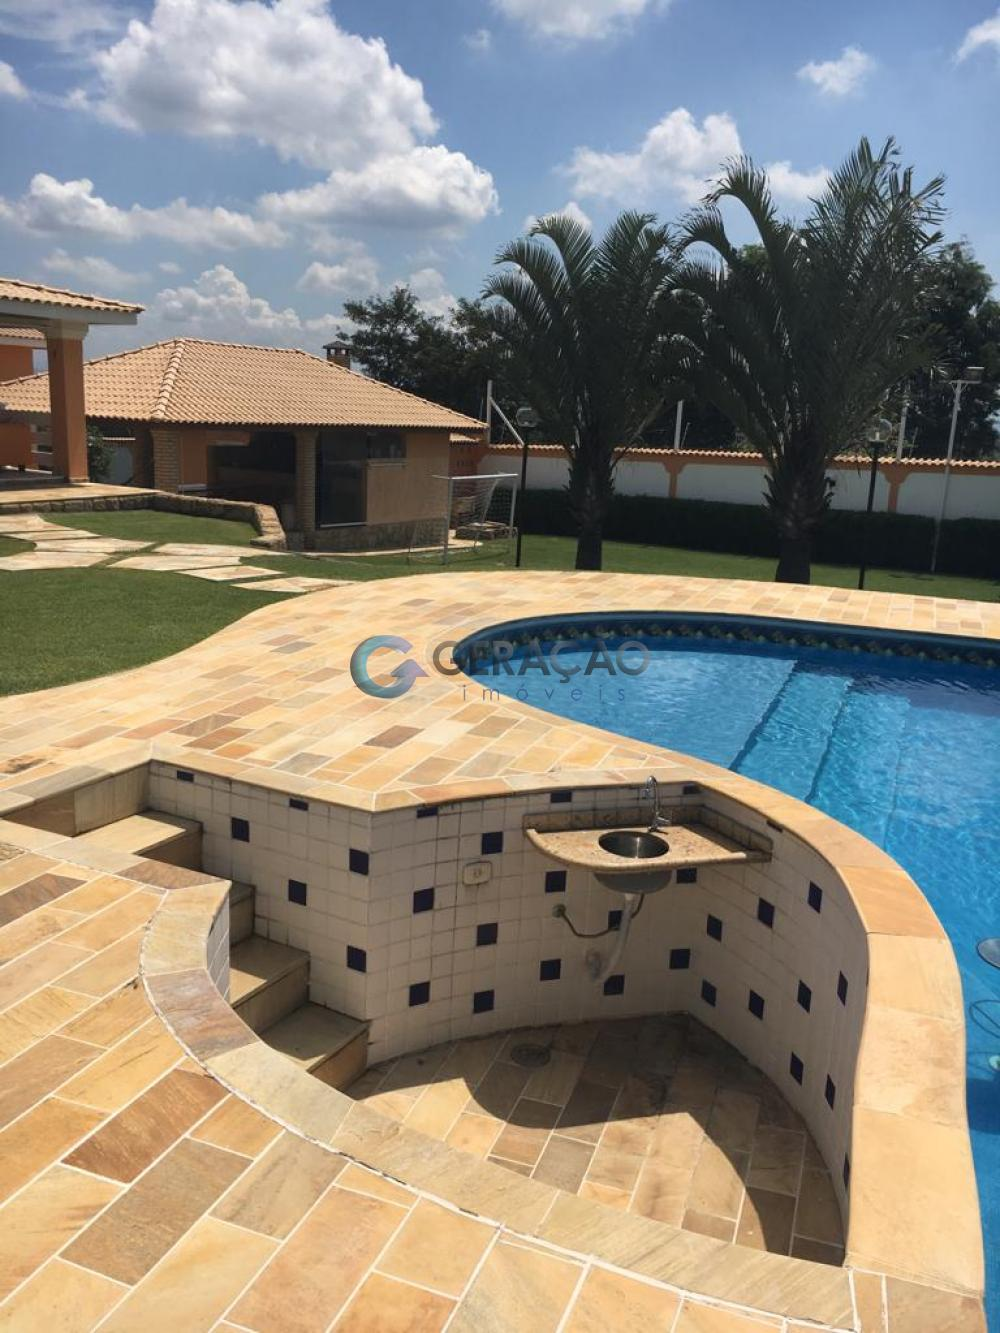 Comprar Casa / Padrão em Jacareí R$ 2.000.000,00 - Foto 5